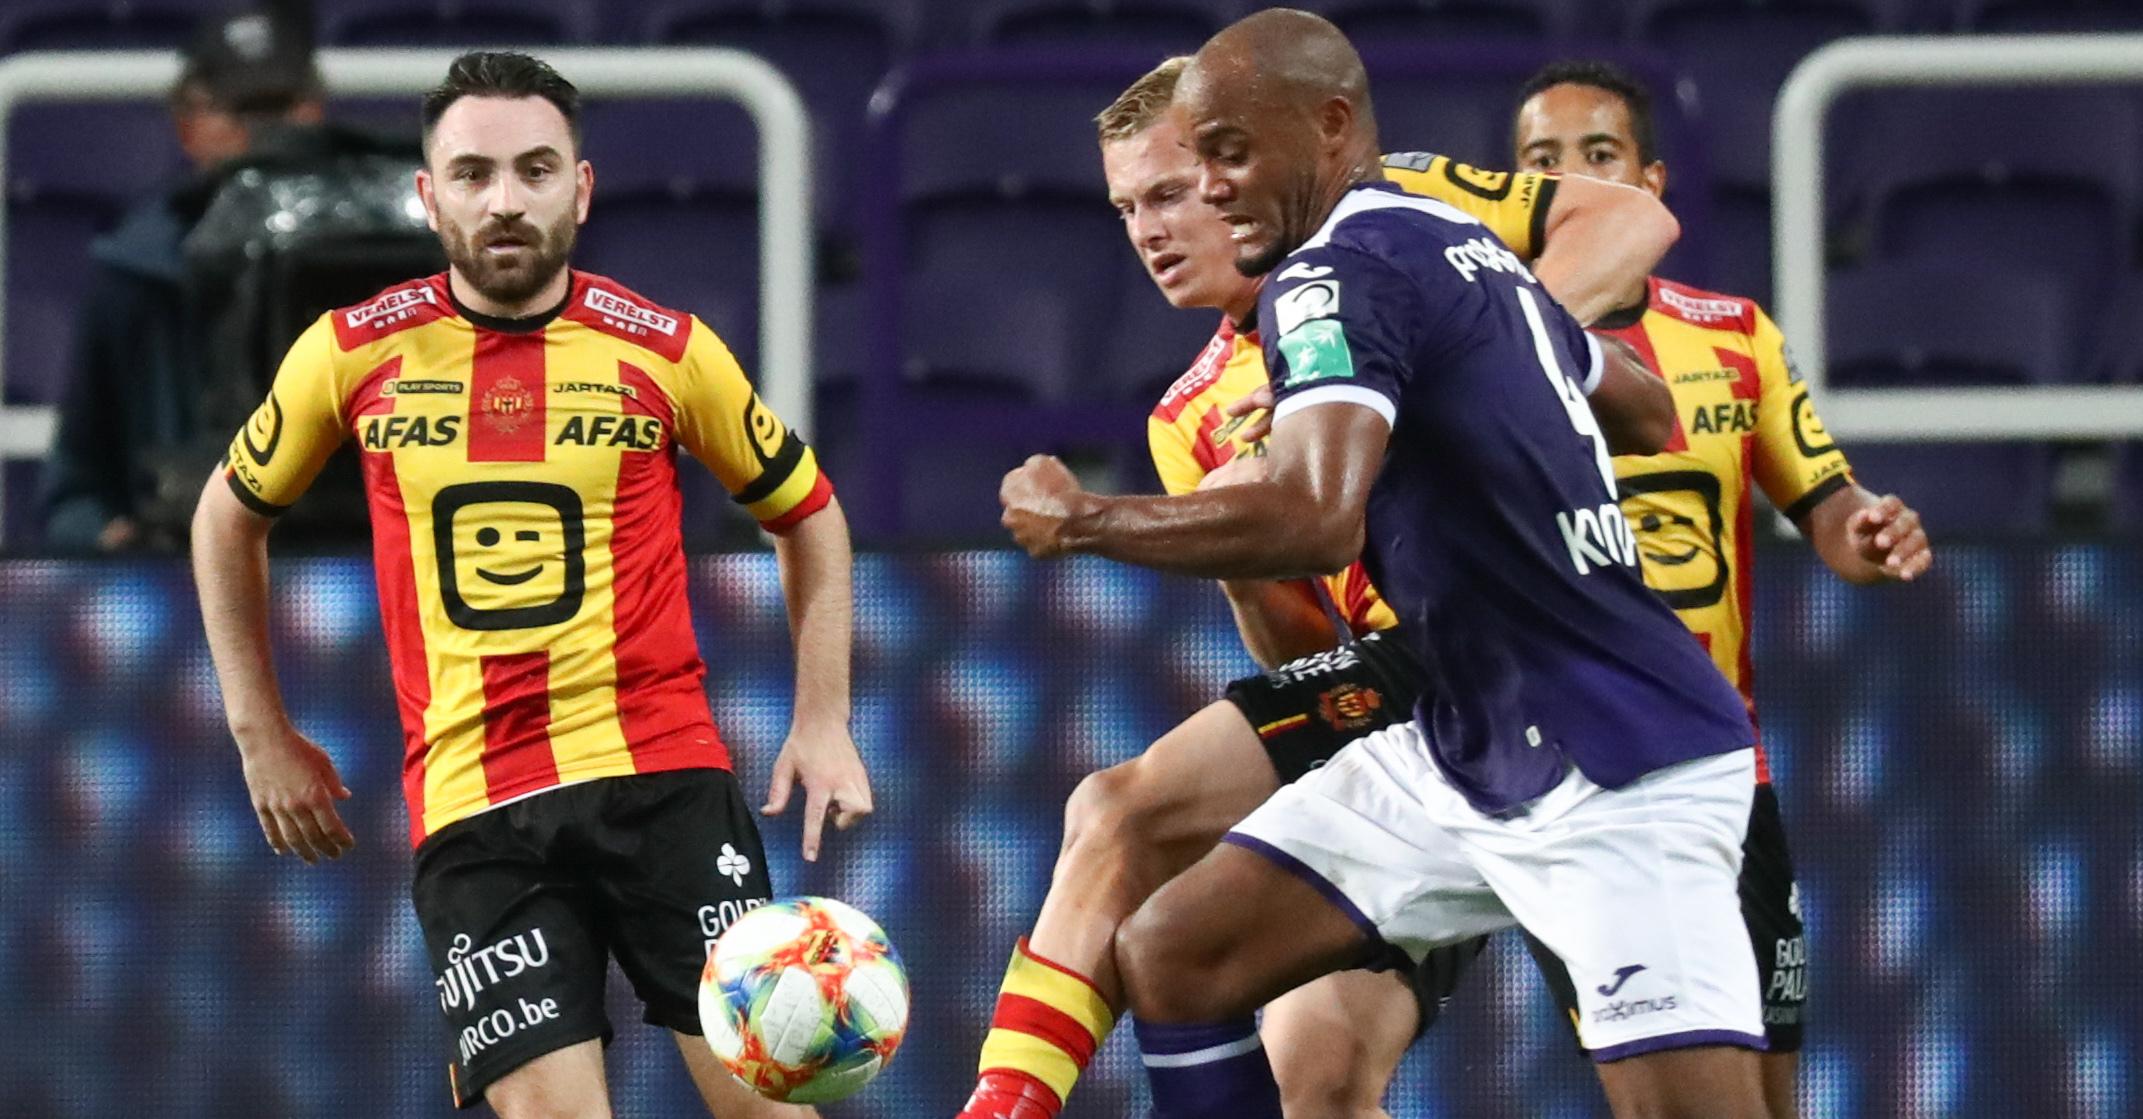 KV-Mechelen---RSC-Anderlecht---Jupiler-Pro-League---betFIRST